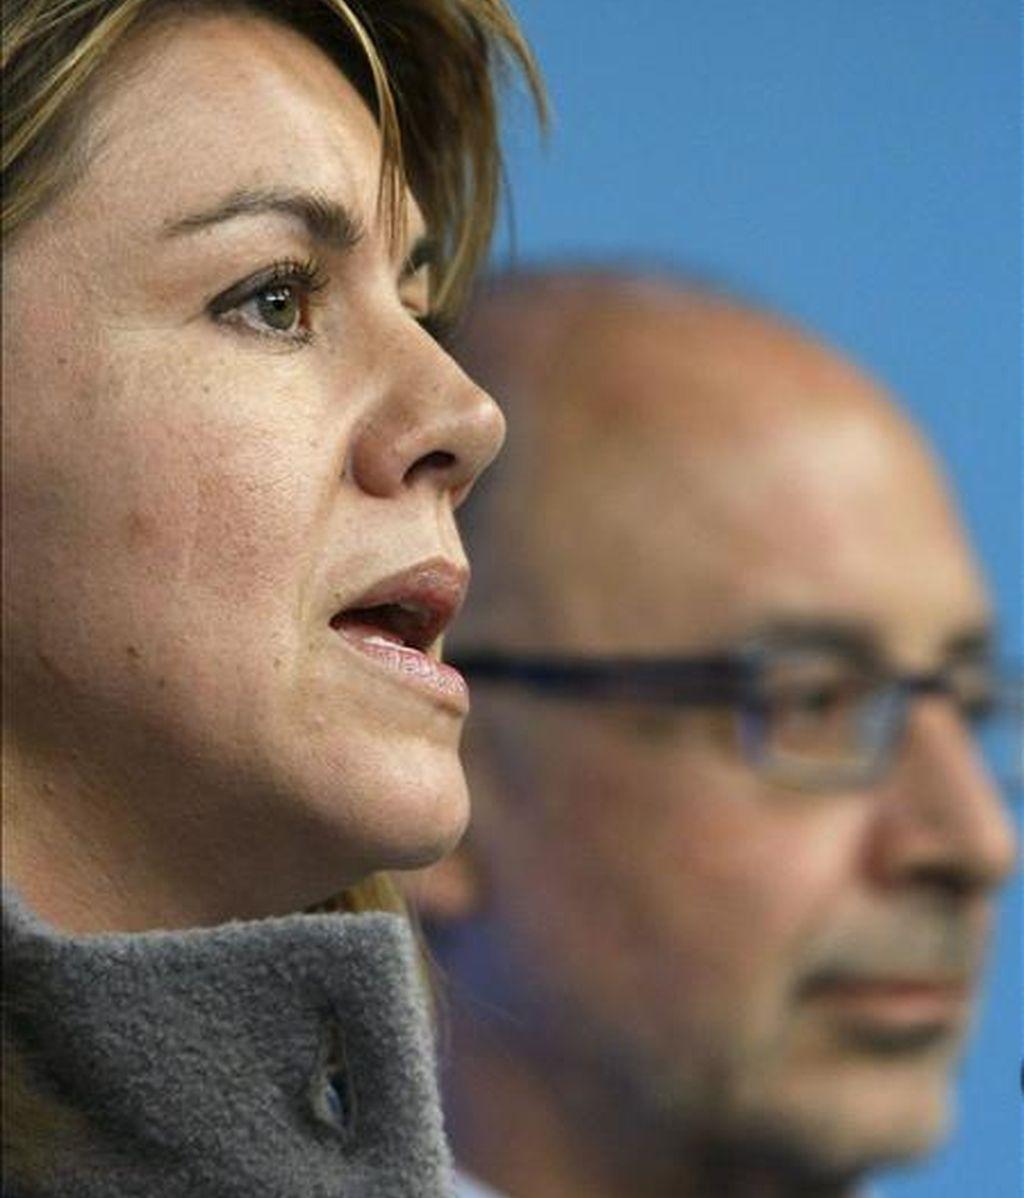 La secretaria general del PP, María Dolores de Cospedal (i), y el portavoz económico del partido, Cristóbal Montoro, durante la rueda de prensa ofrecida ayer en la sede popular. EFE